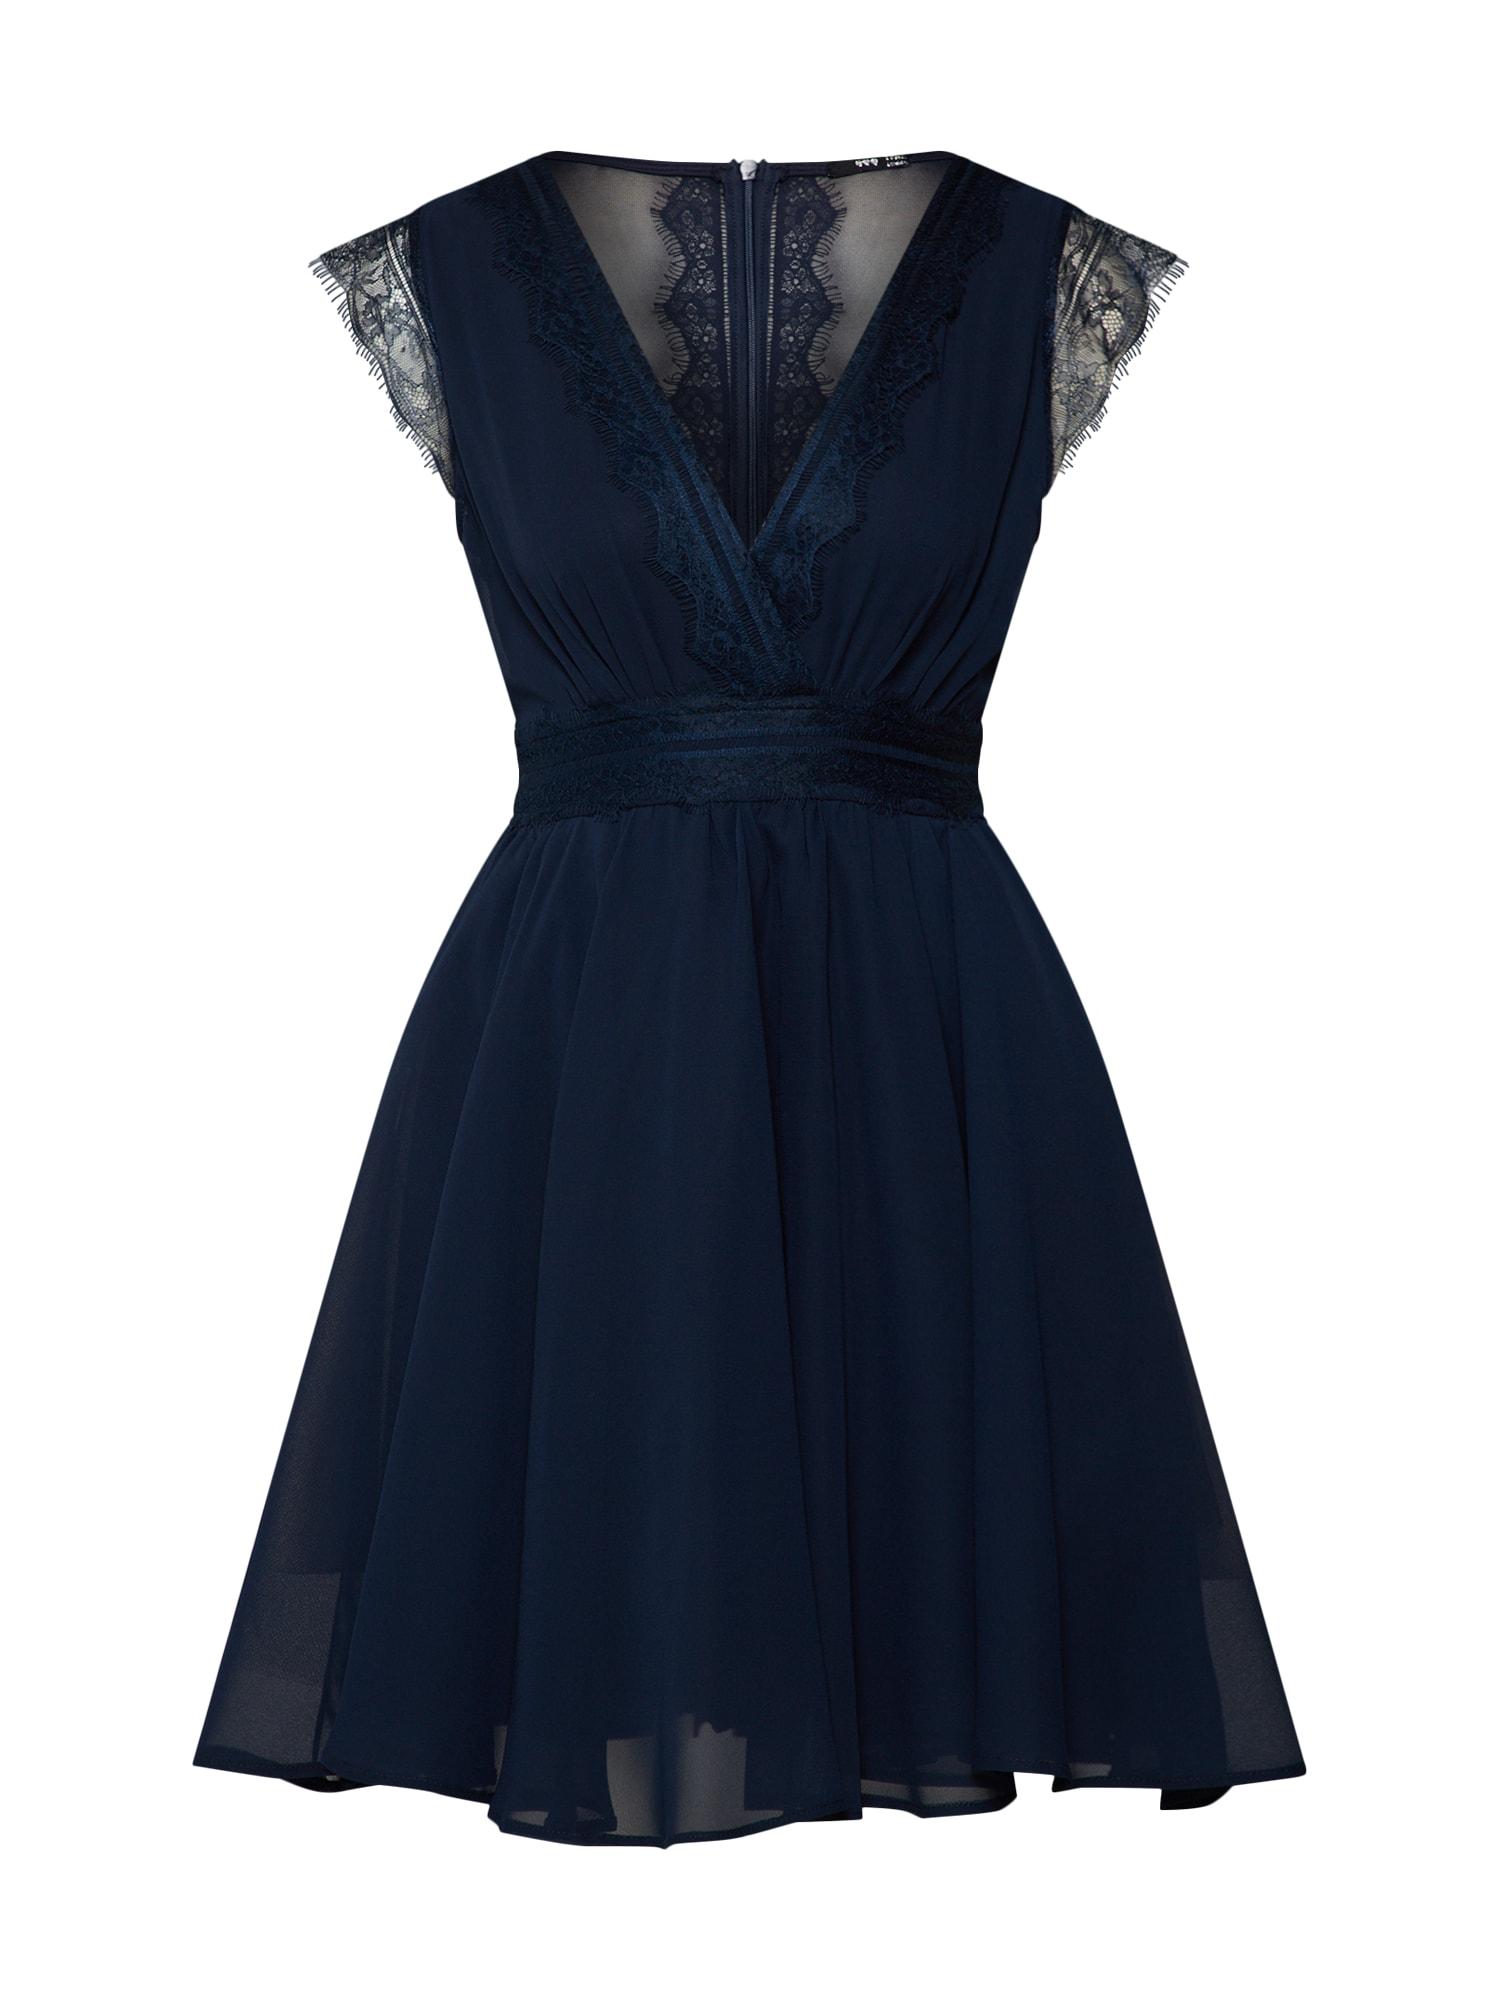 Koktejlové šaty PERRY MIDI námořnická modř TFNC